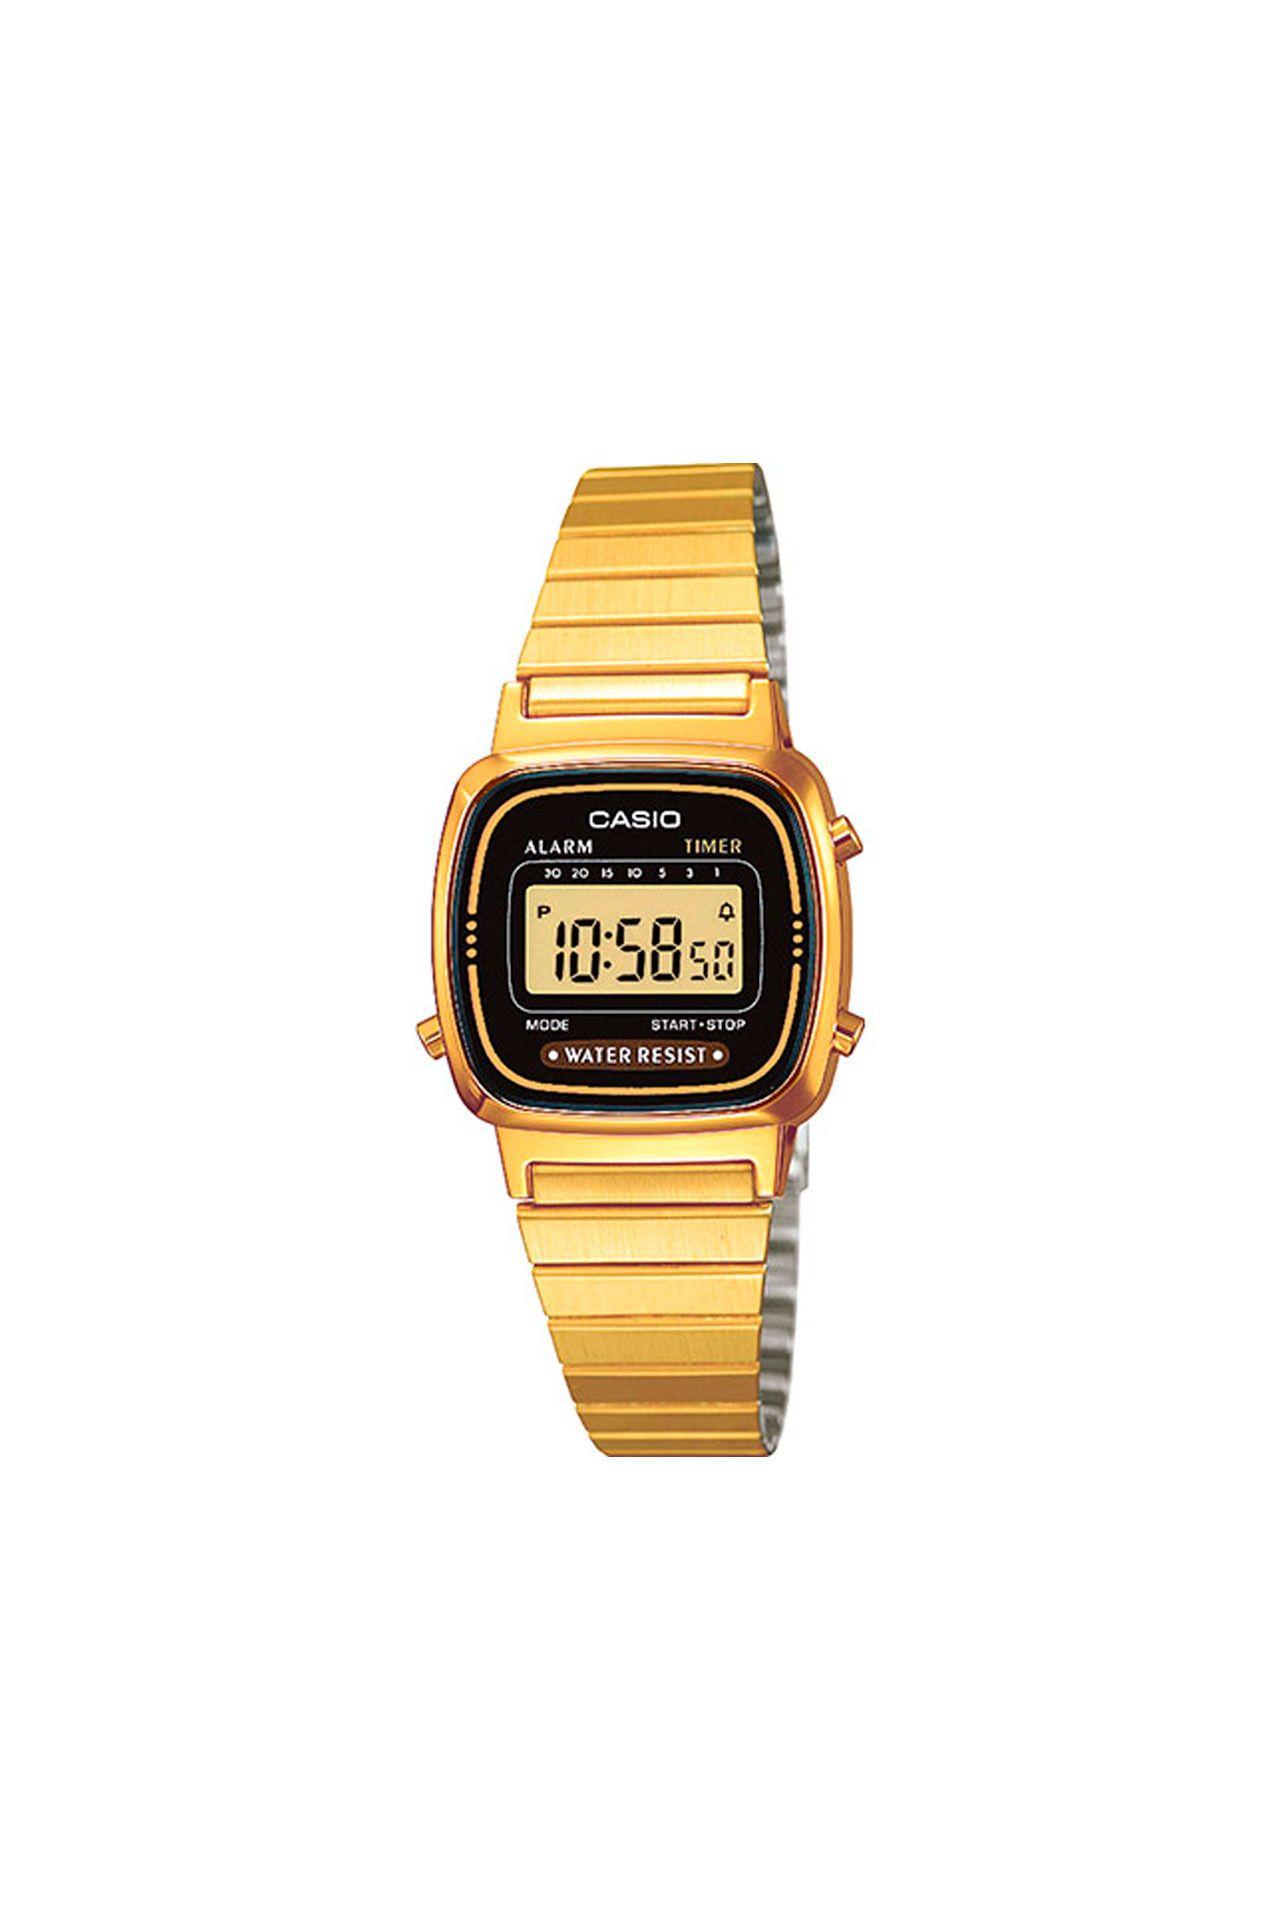 Afbeelding van Casio Vintage La670Wega-7Ef Watch La670Wega Goud